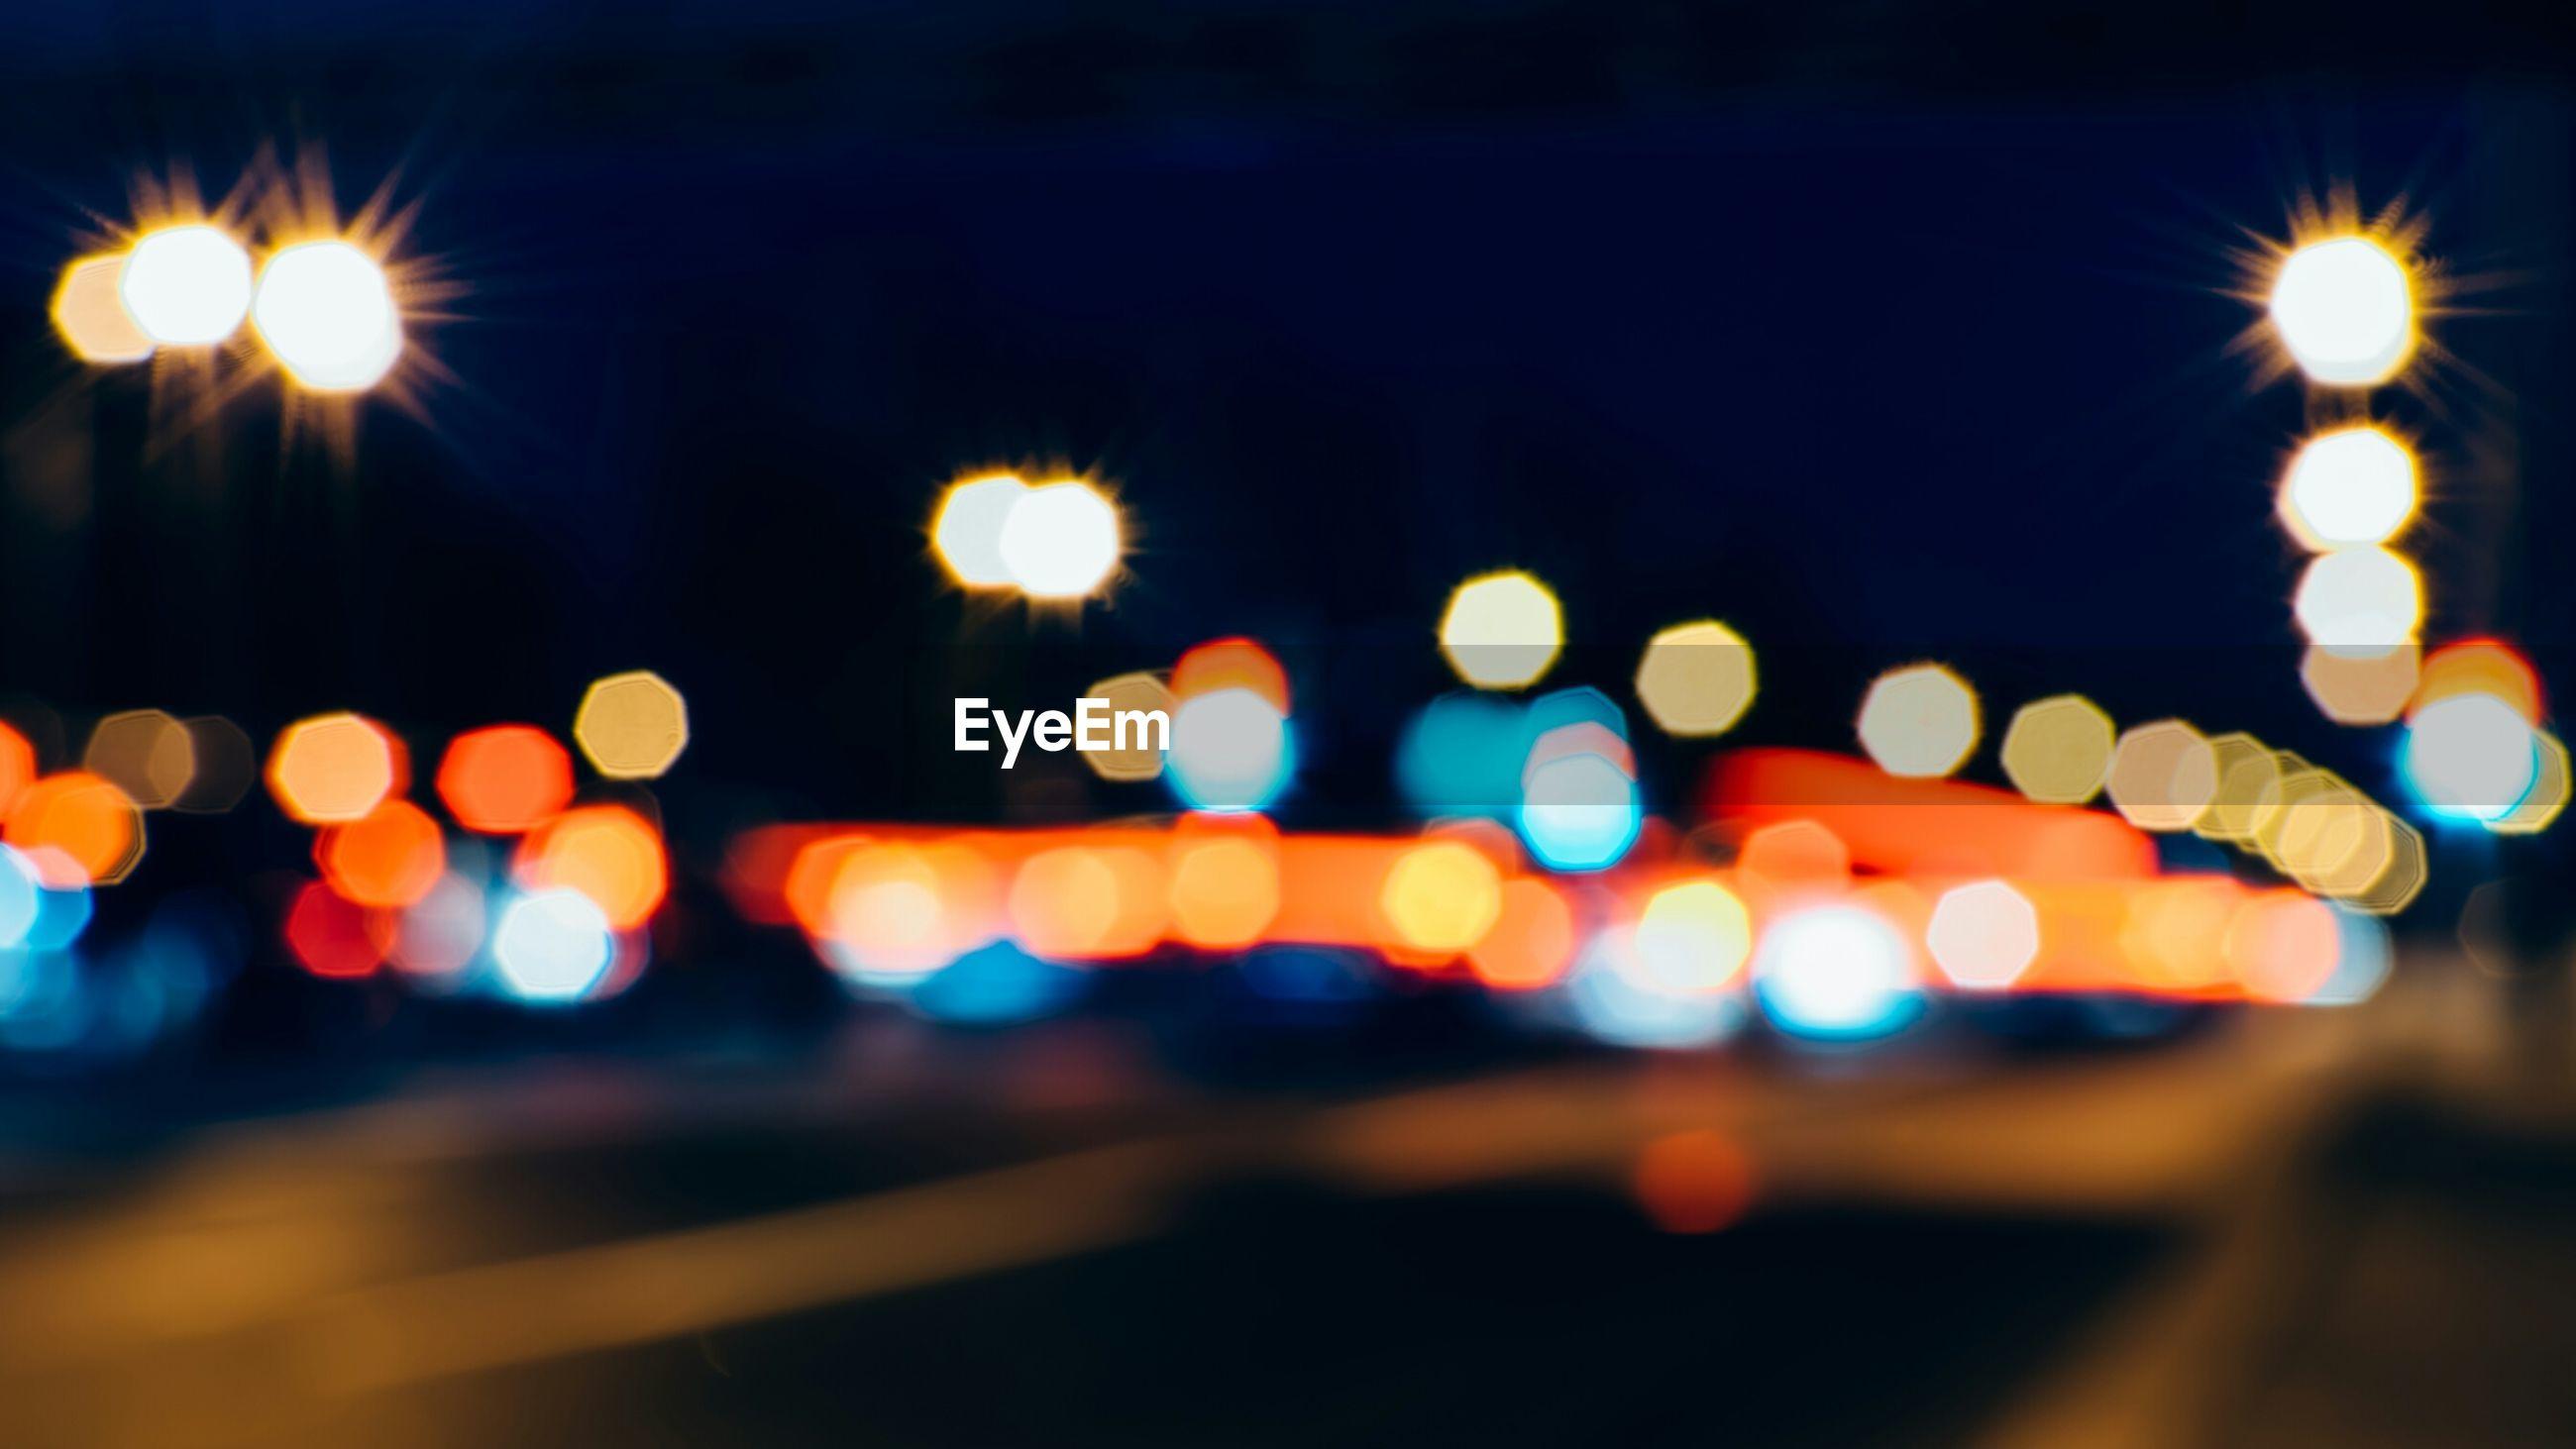 Defocused image of street lights